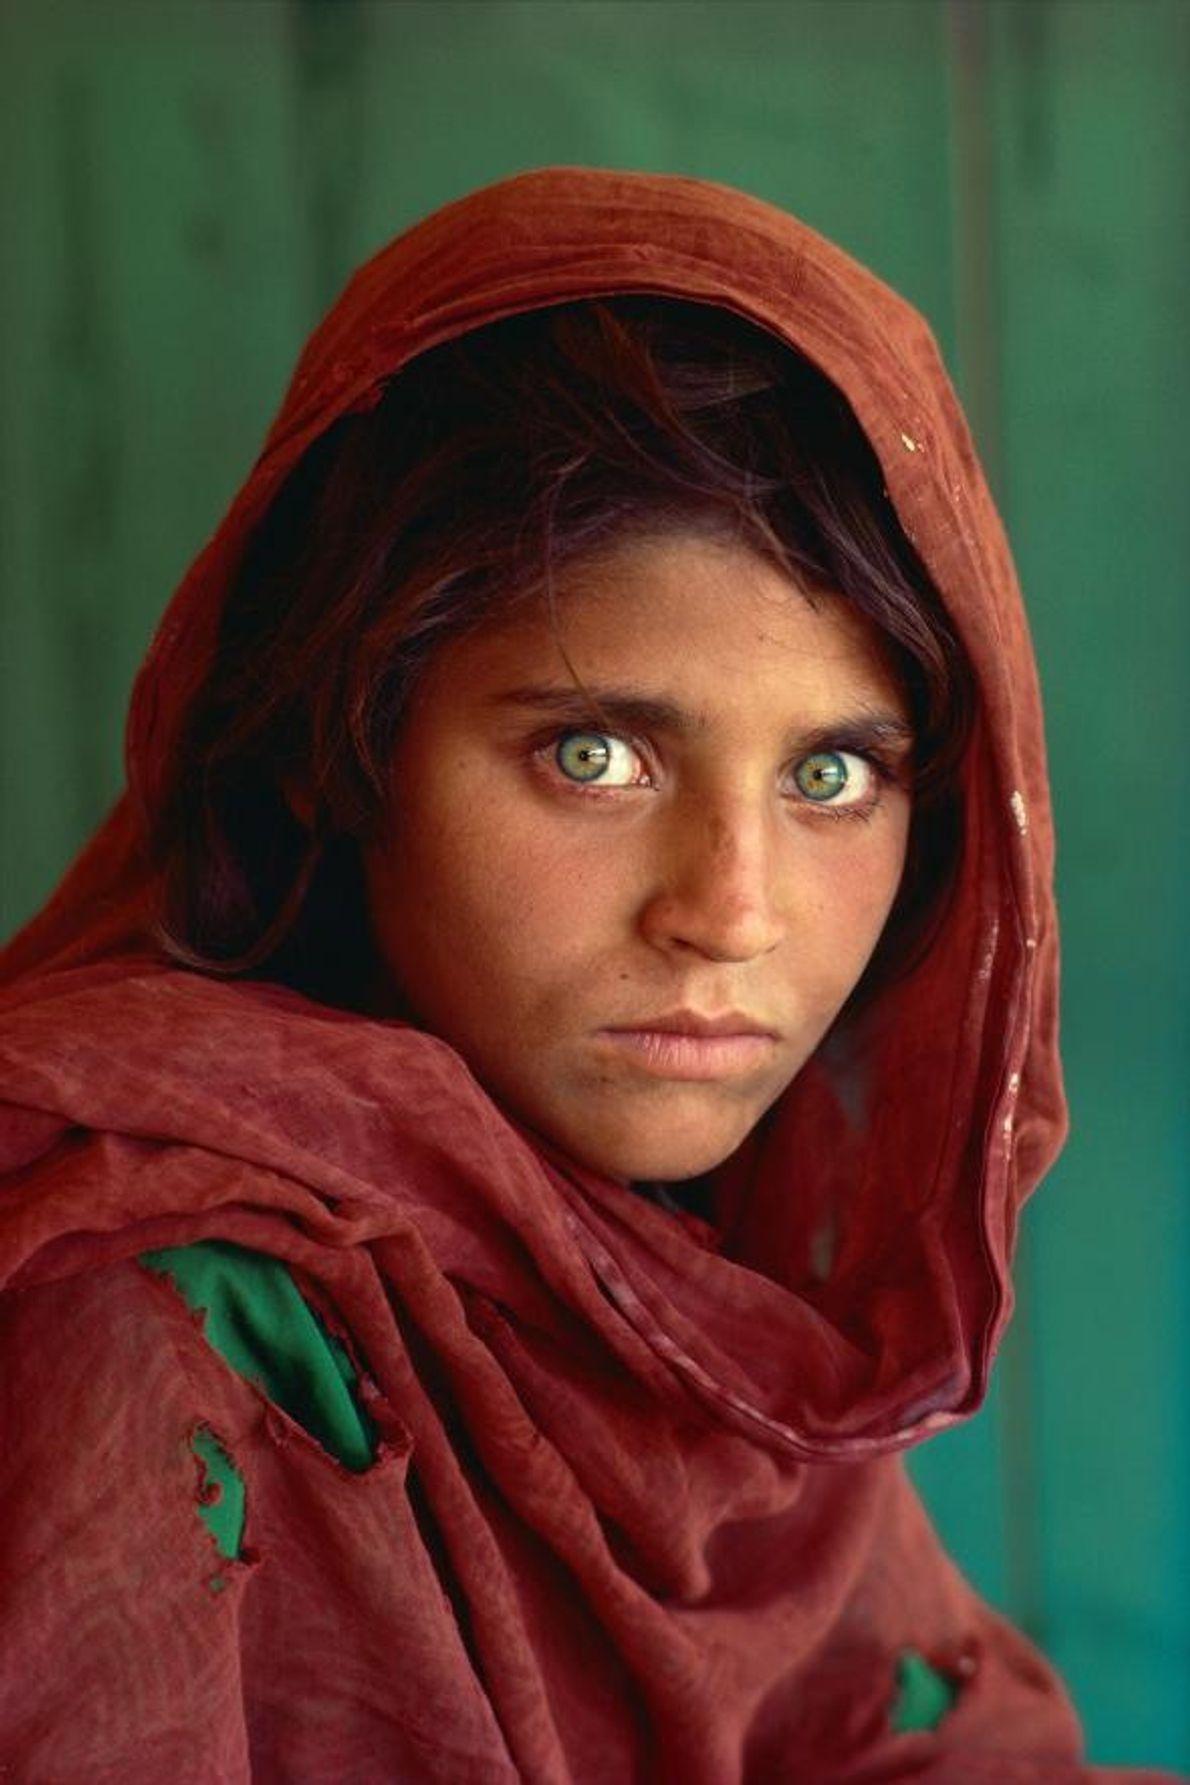 Ce portrait de Sharbat Gula, jeune réfugiée afghane, a fait la couverture du magazine National Geographic ...